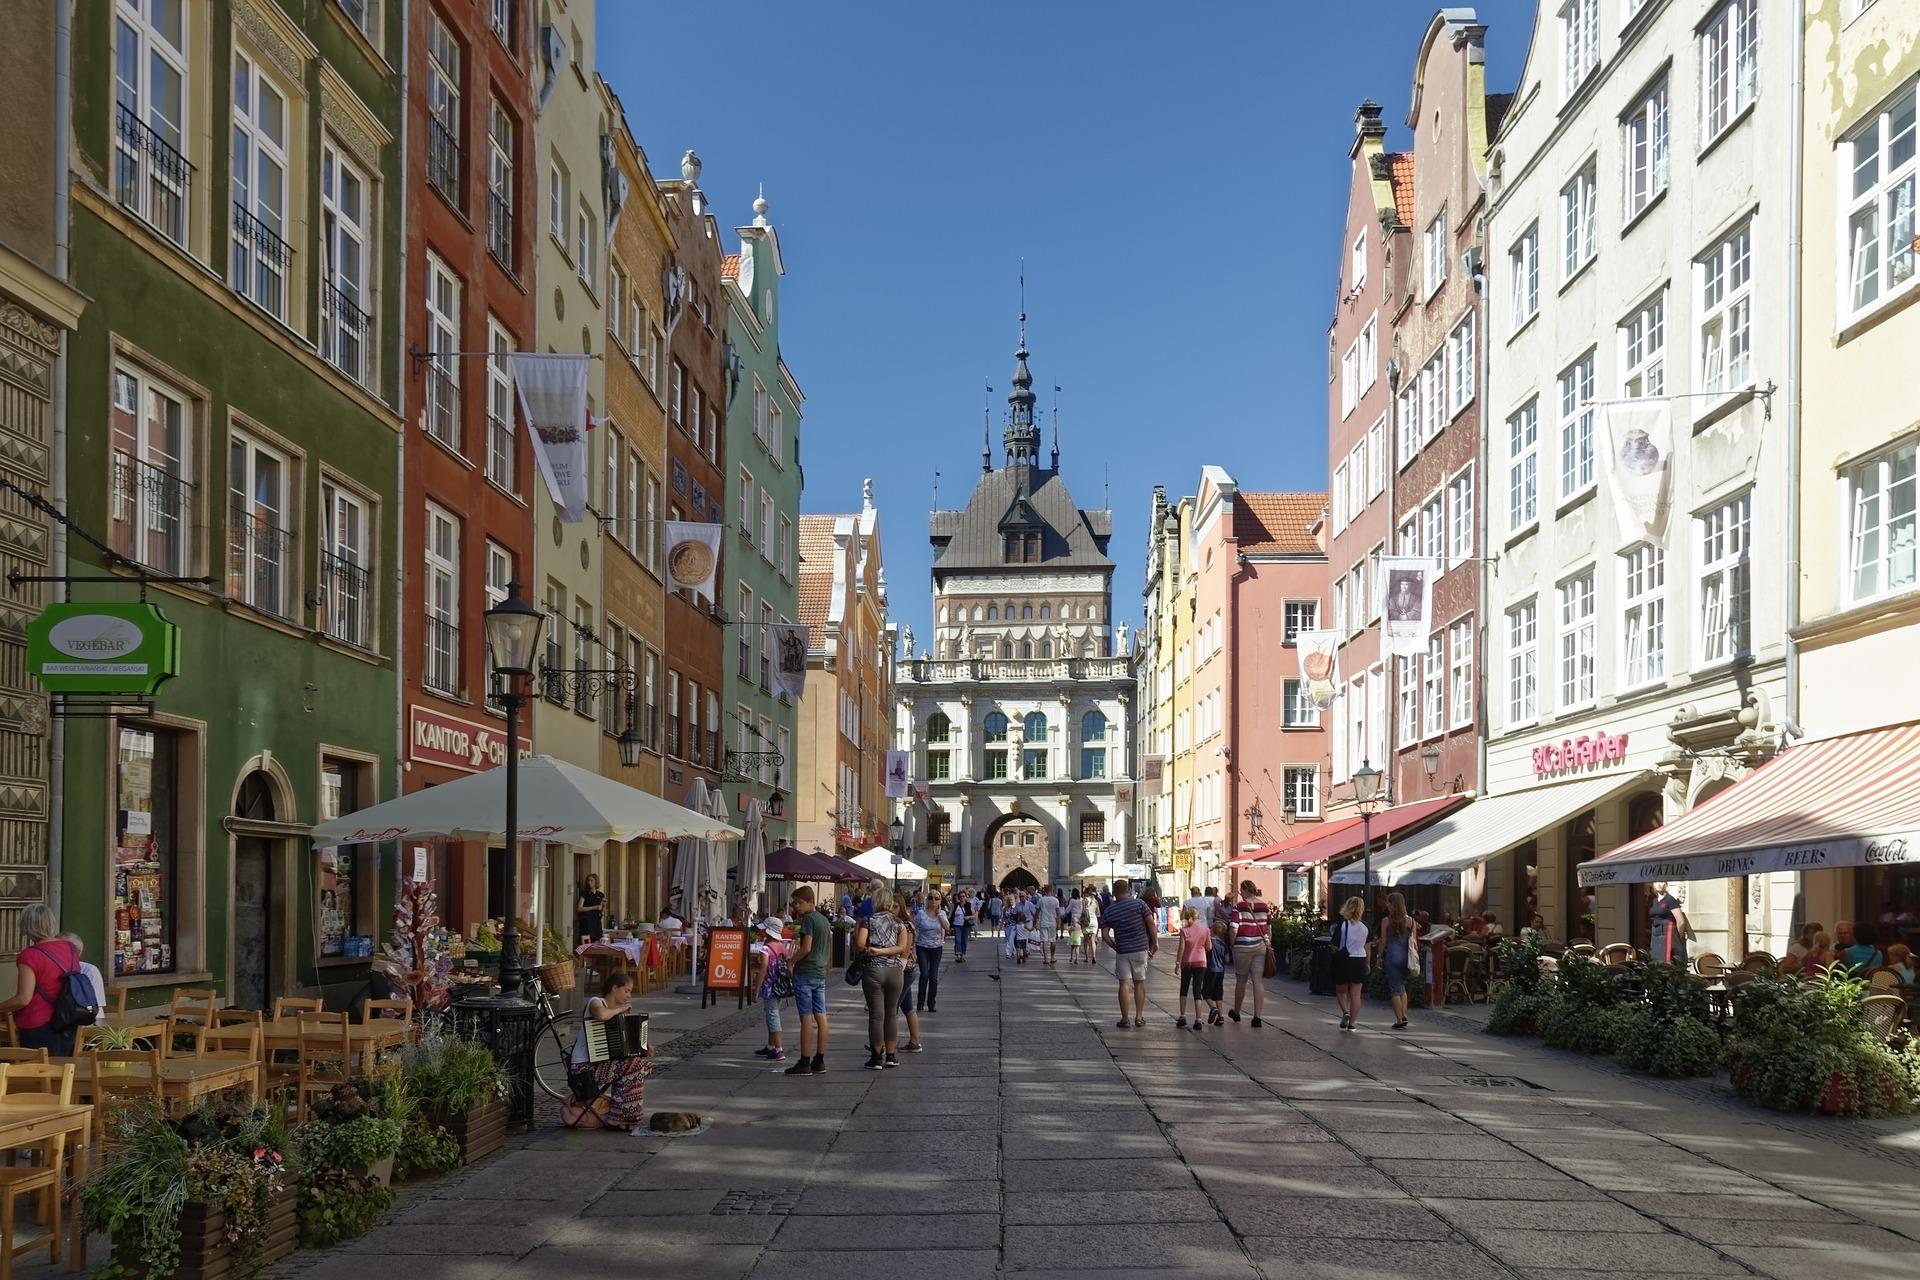 Altstadt Danzig Hotels günsig ab 21,00€ buchen